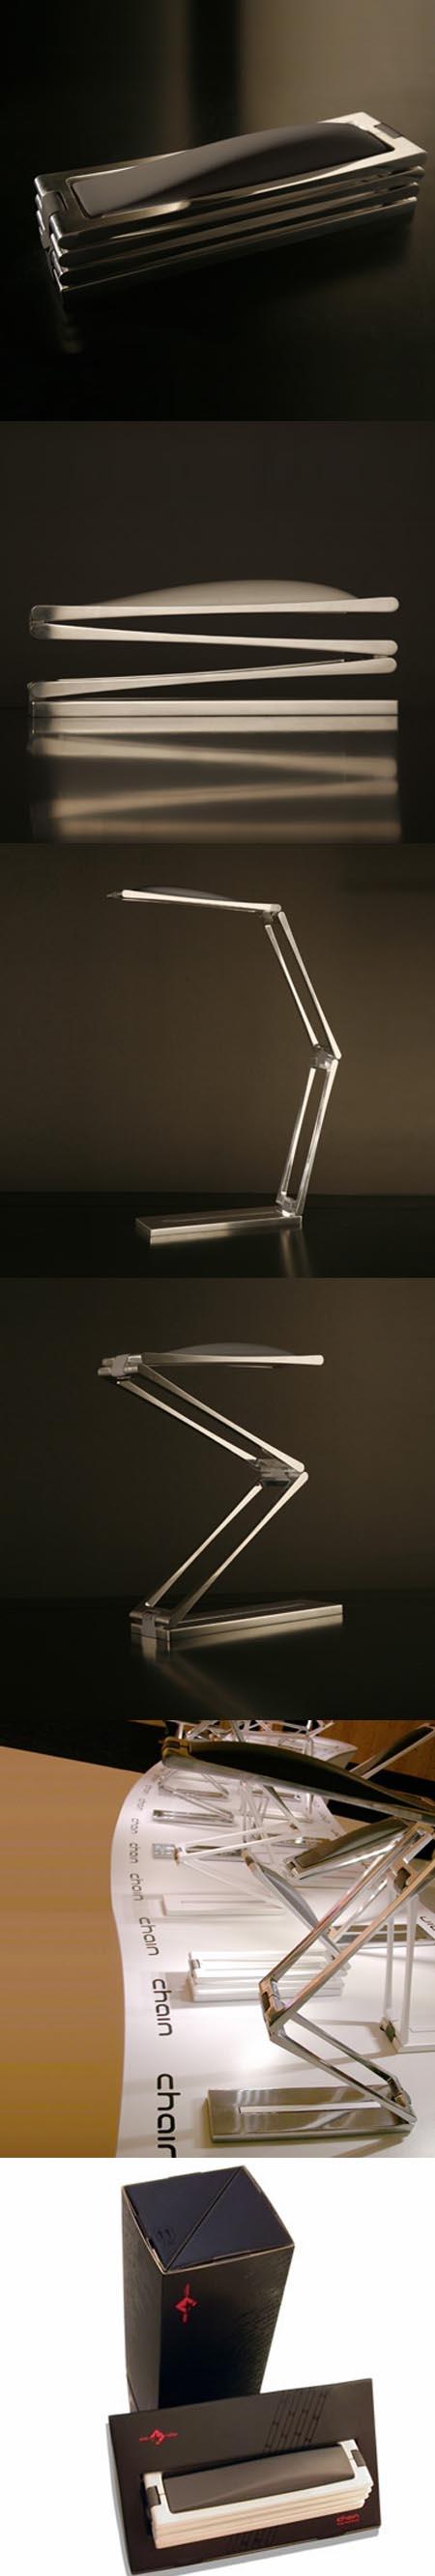 Lampada Chain